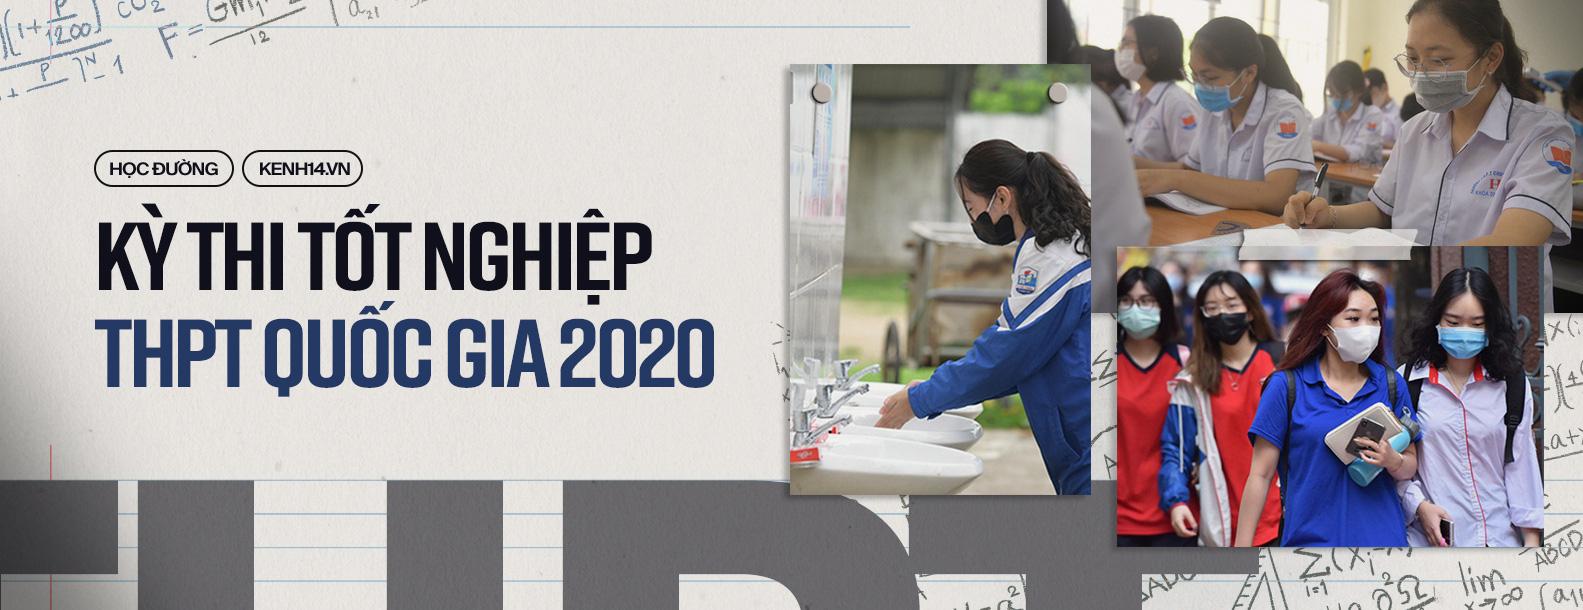 thi tốt nghiệp thpt quốc gia 2020